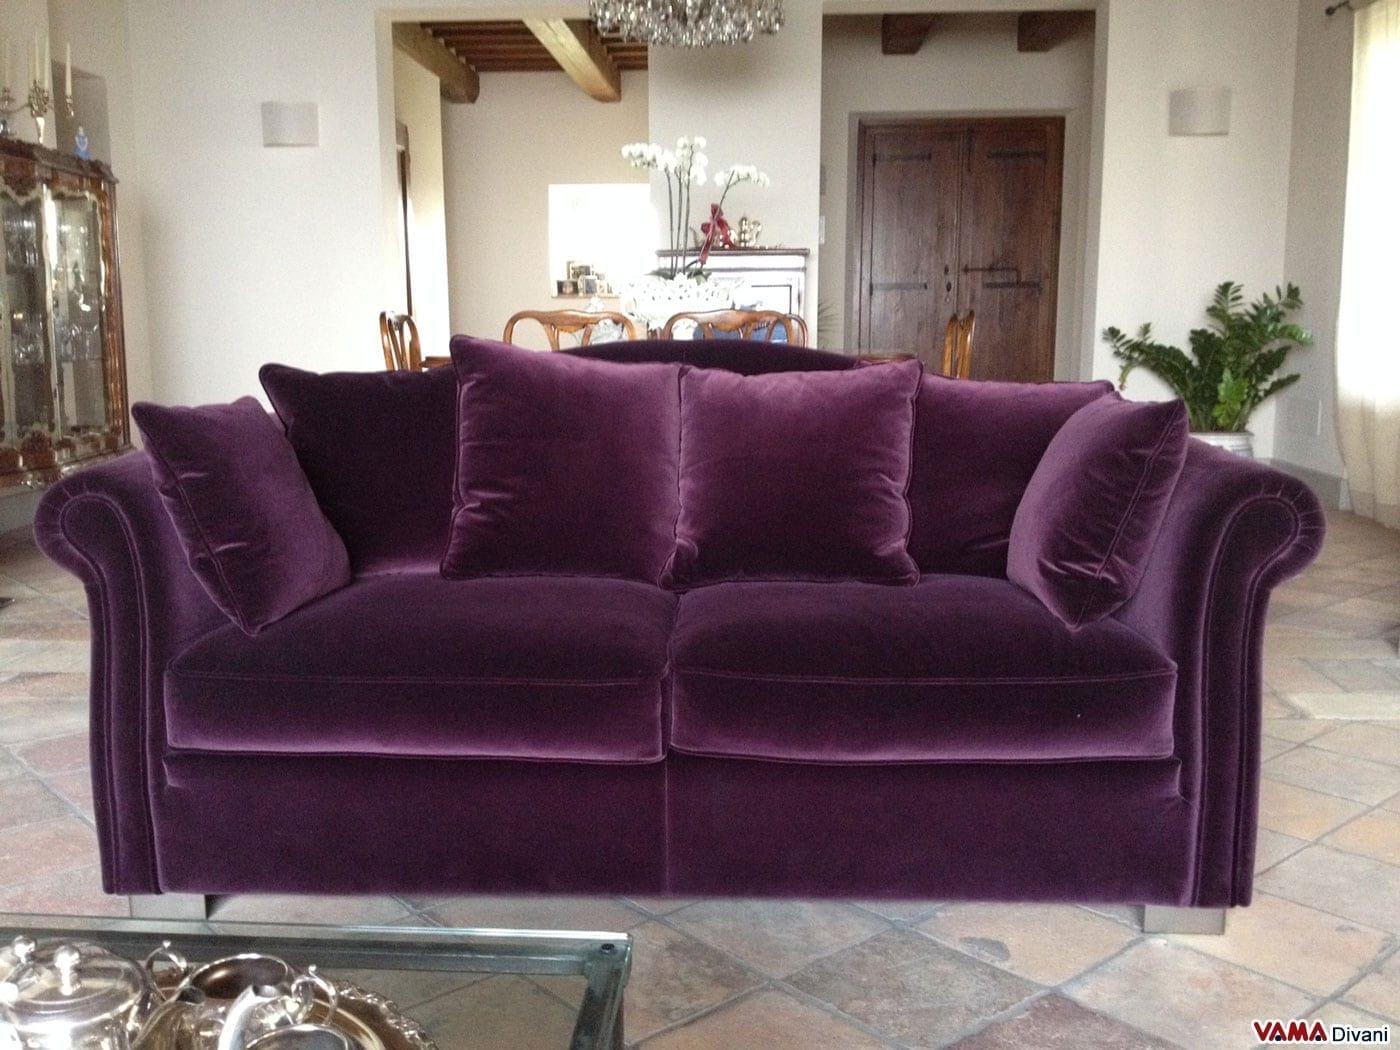 Quanto costa rivestire un divano gallery of quanto costa rivestire una poltrona rifoderare - Rifoderare divano costo ...